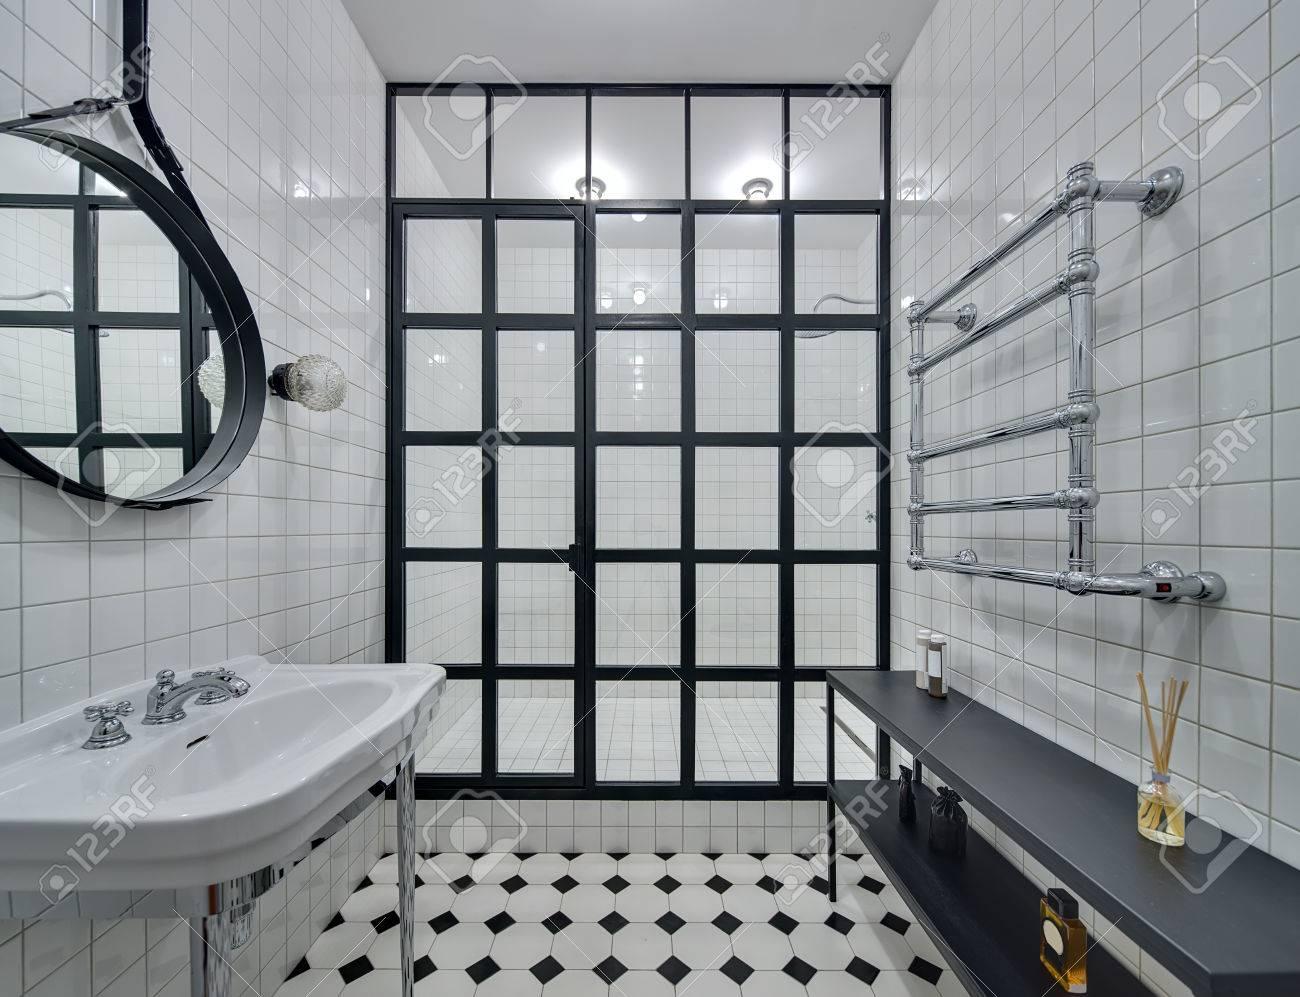 Cuarto De Baño Con Paredes De Azulejos Blancos. Hay Lavabo Blanco ...